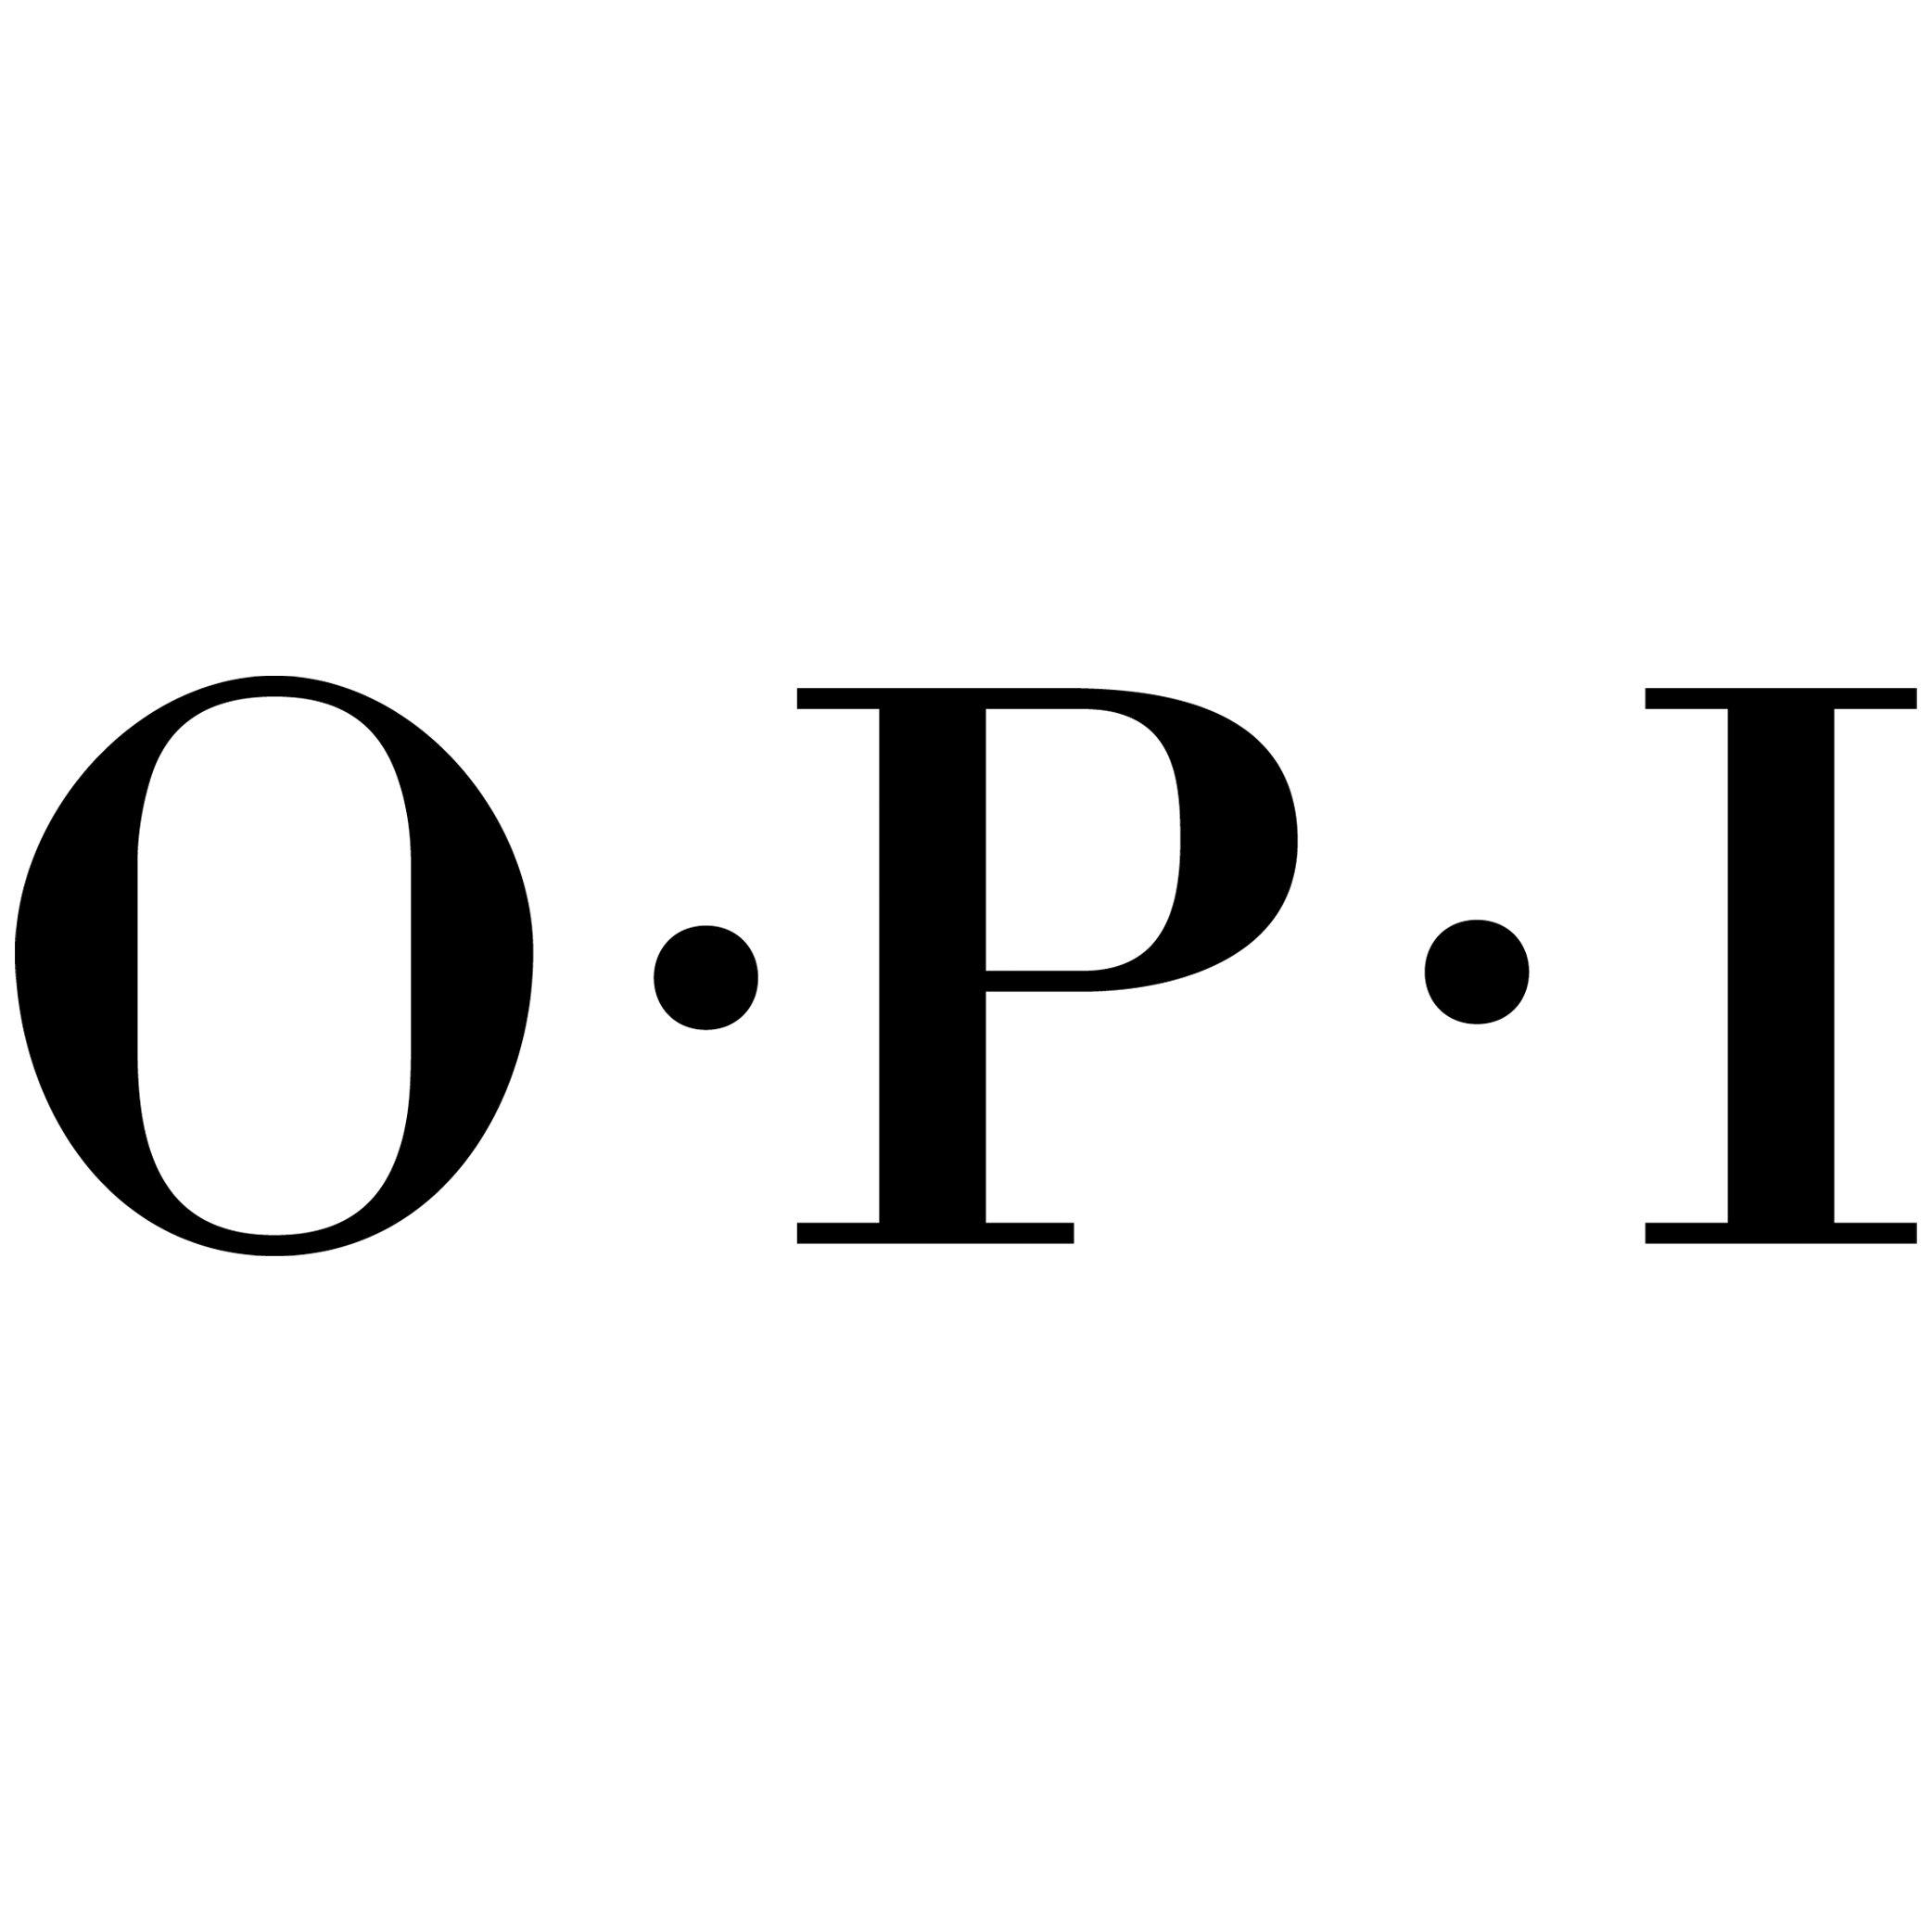 OPI's logo